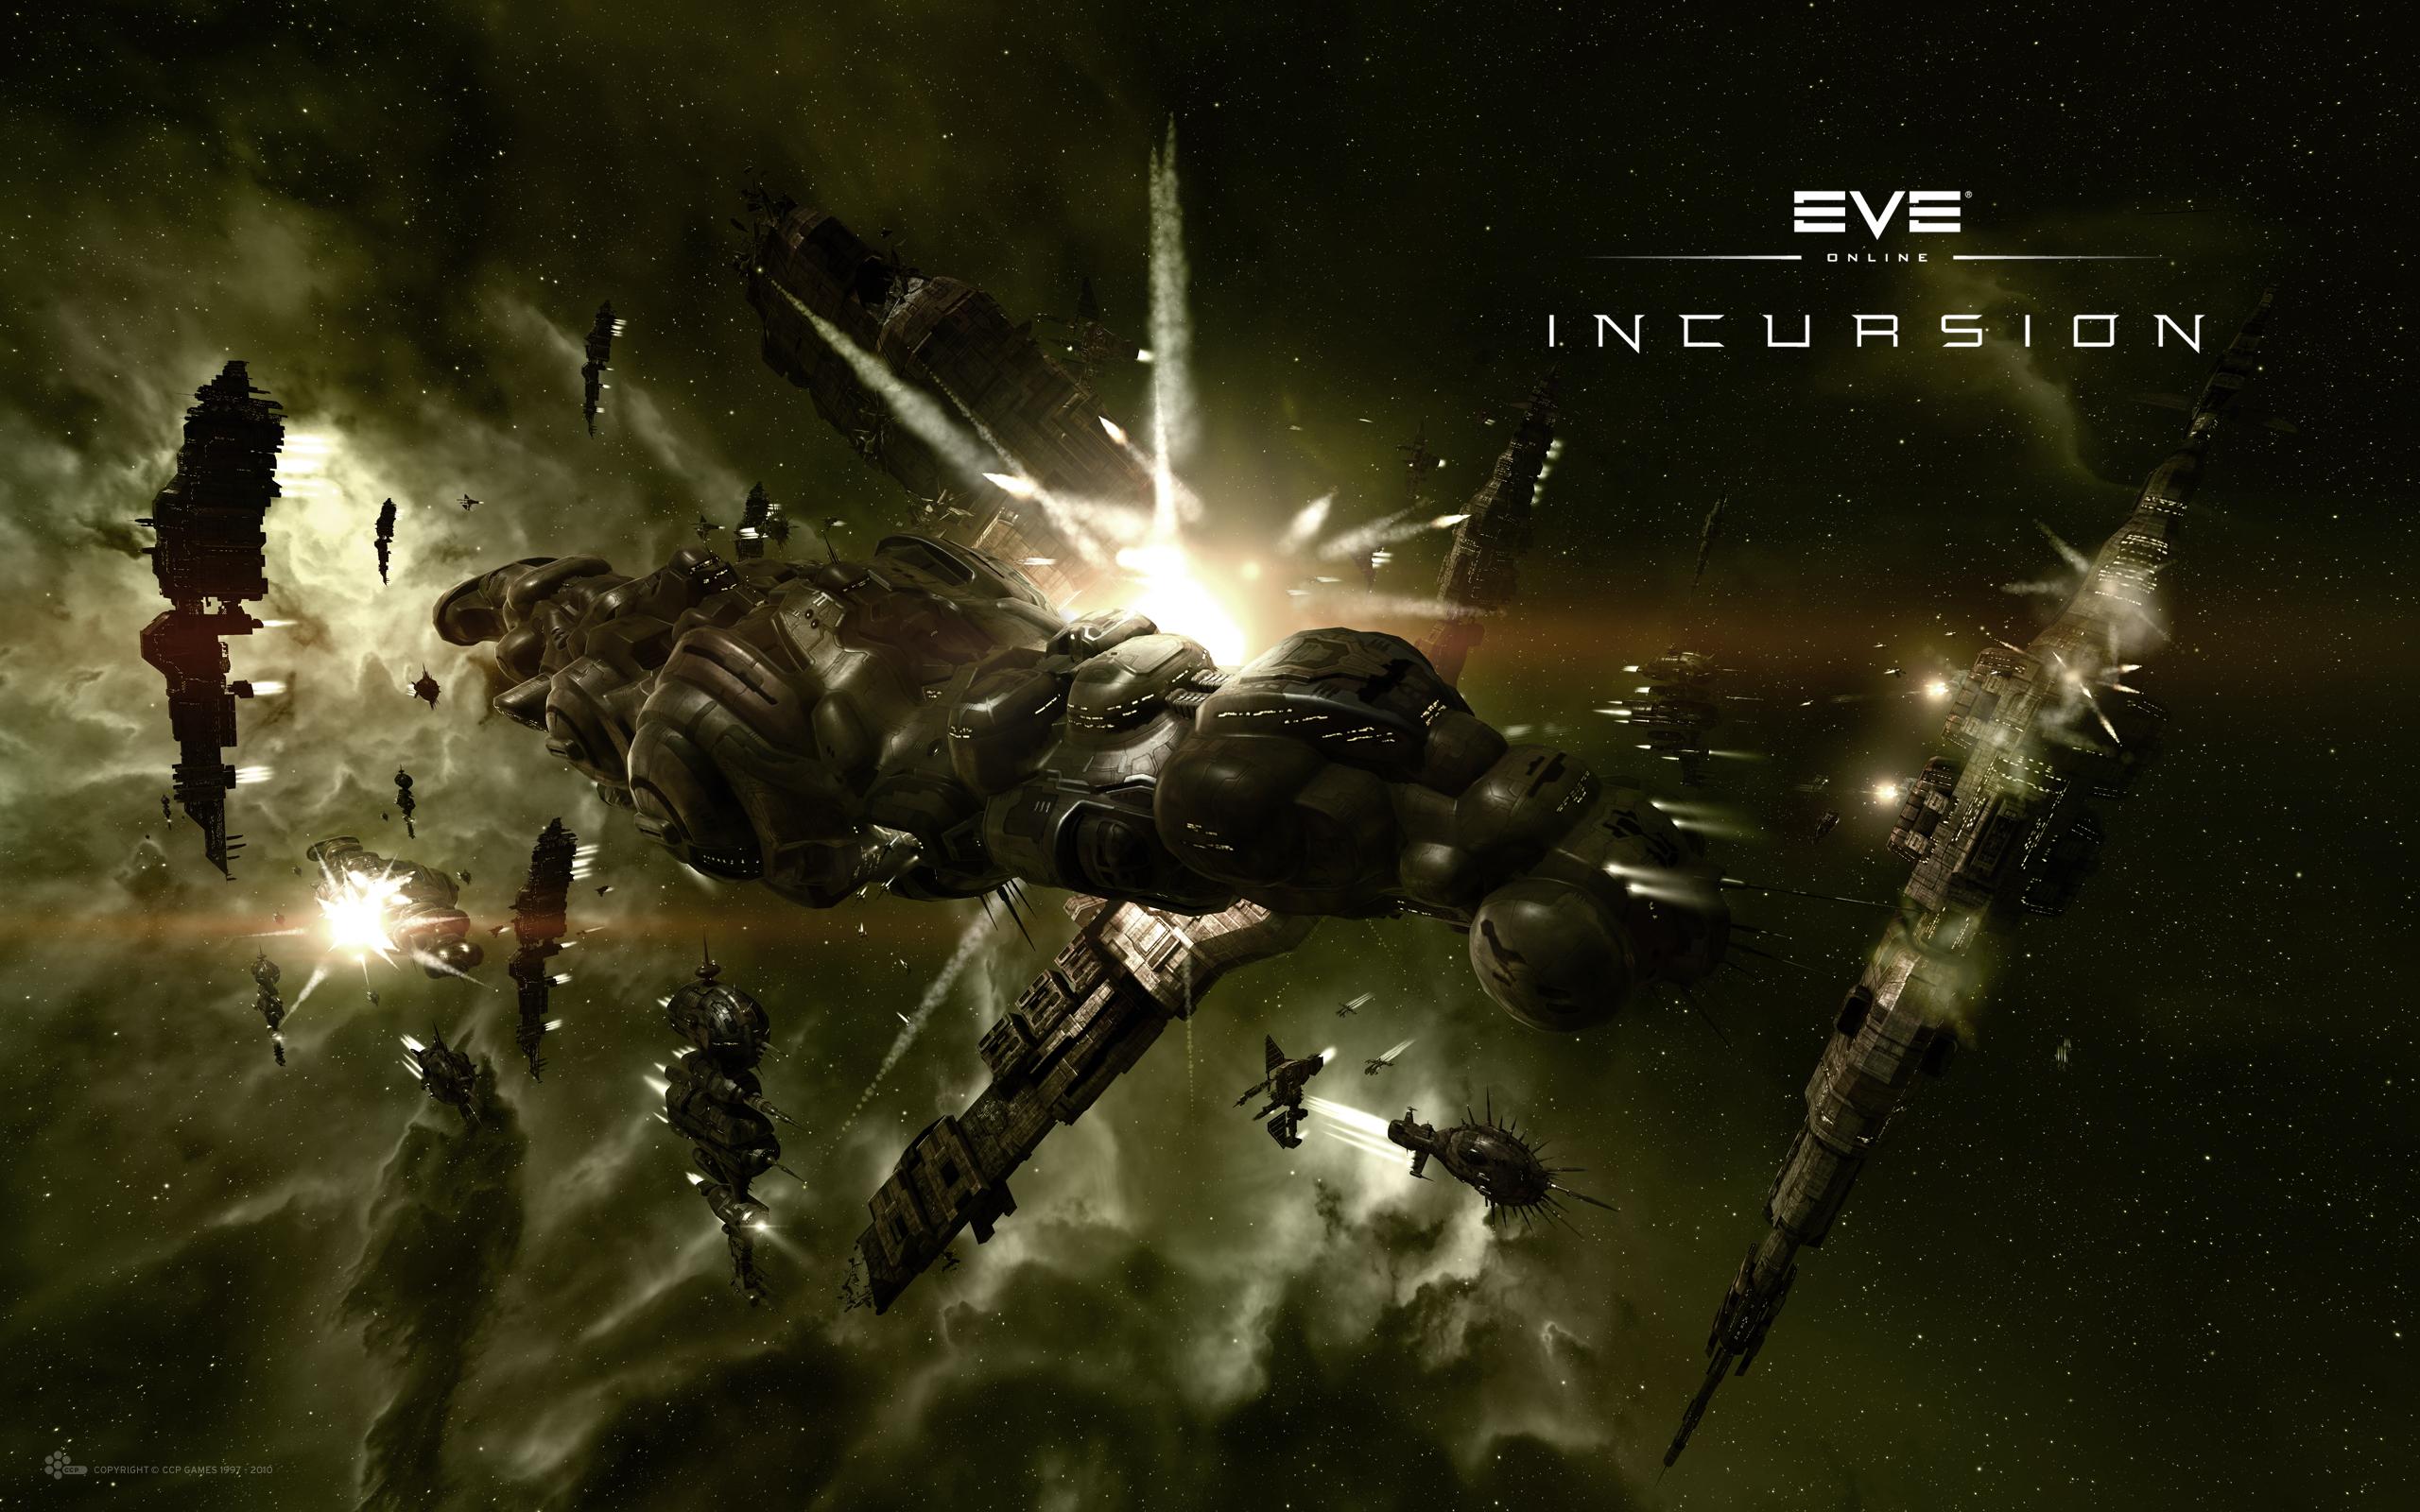 EVE Online Wallpaper 8